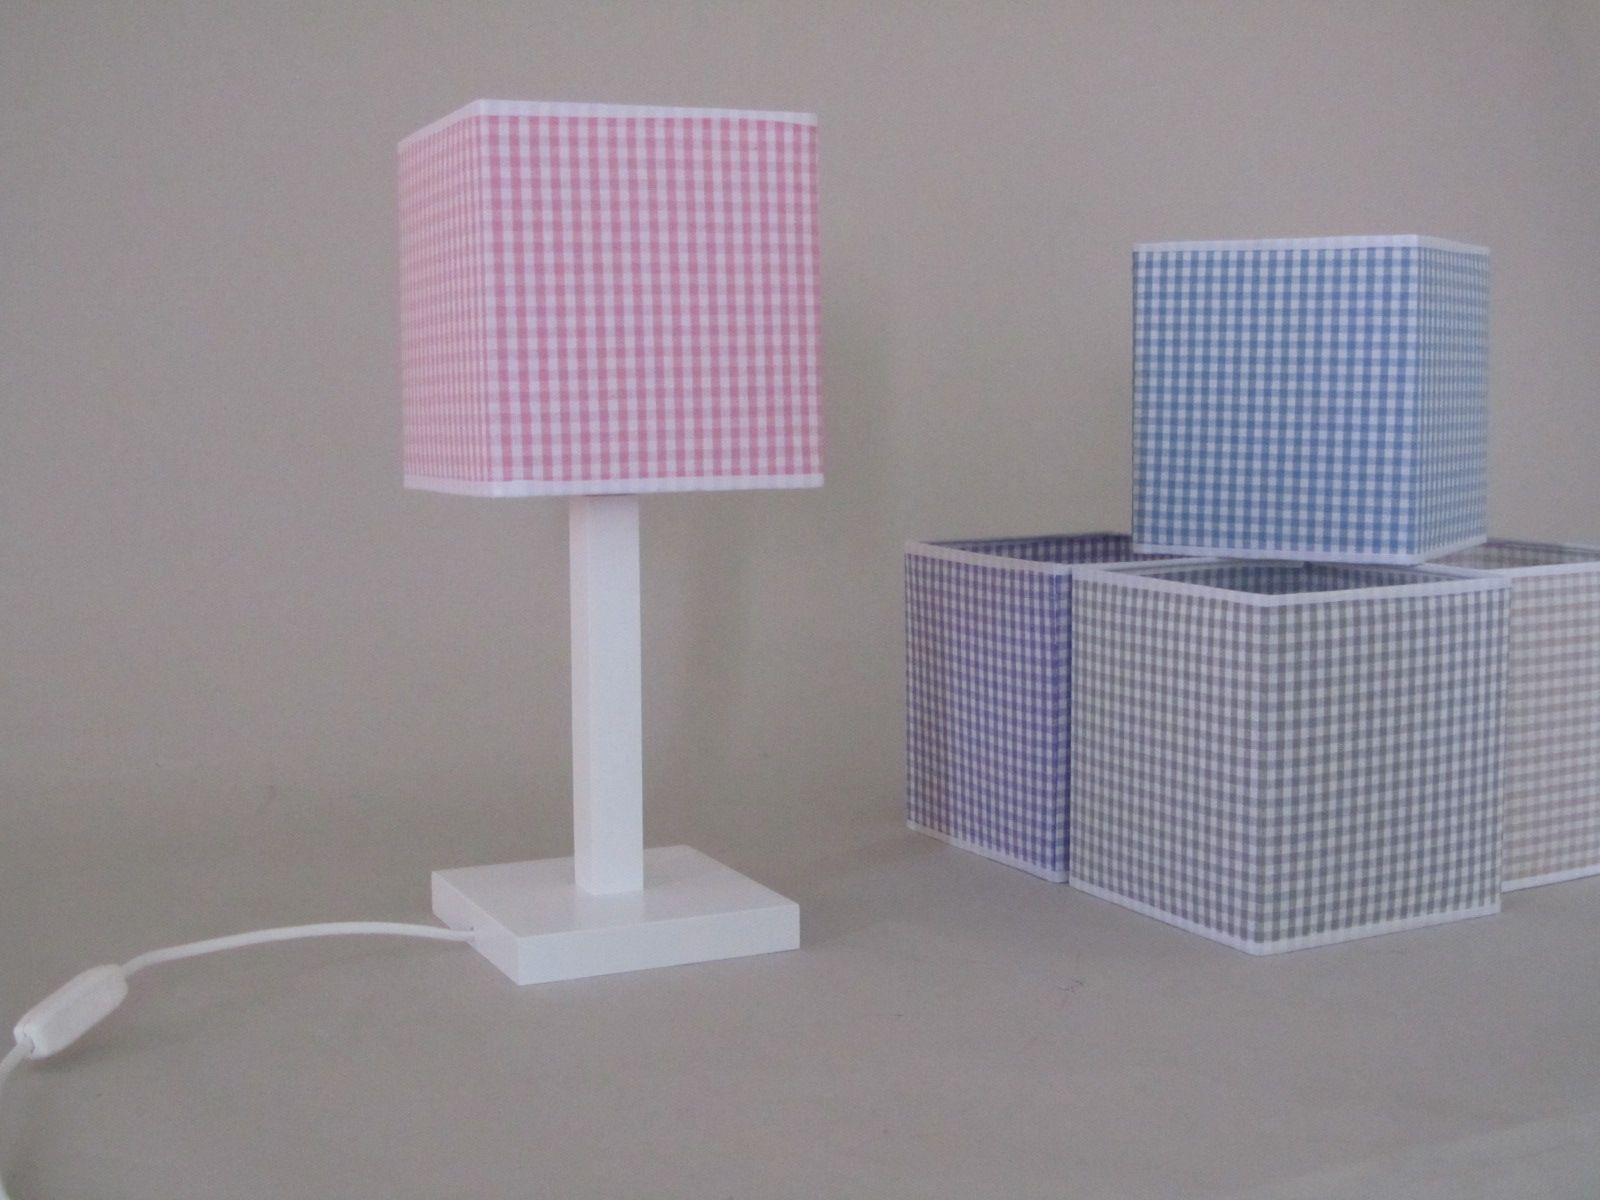 lampara infantil sobremesa de madera con la base cuadrada en color blanco l cm